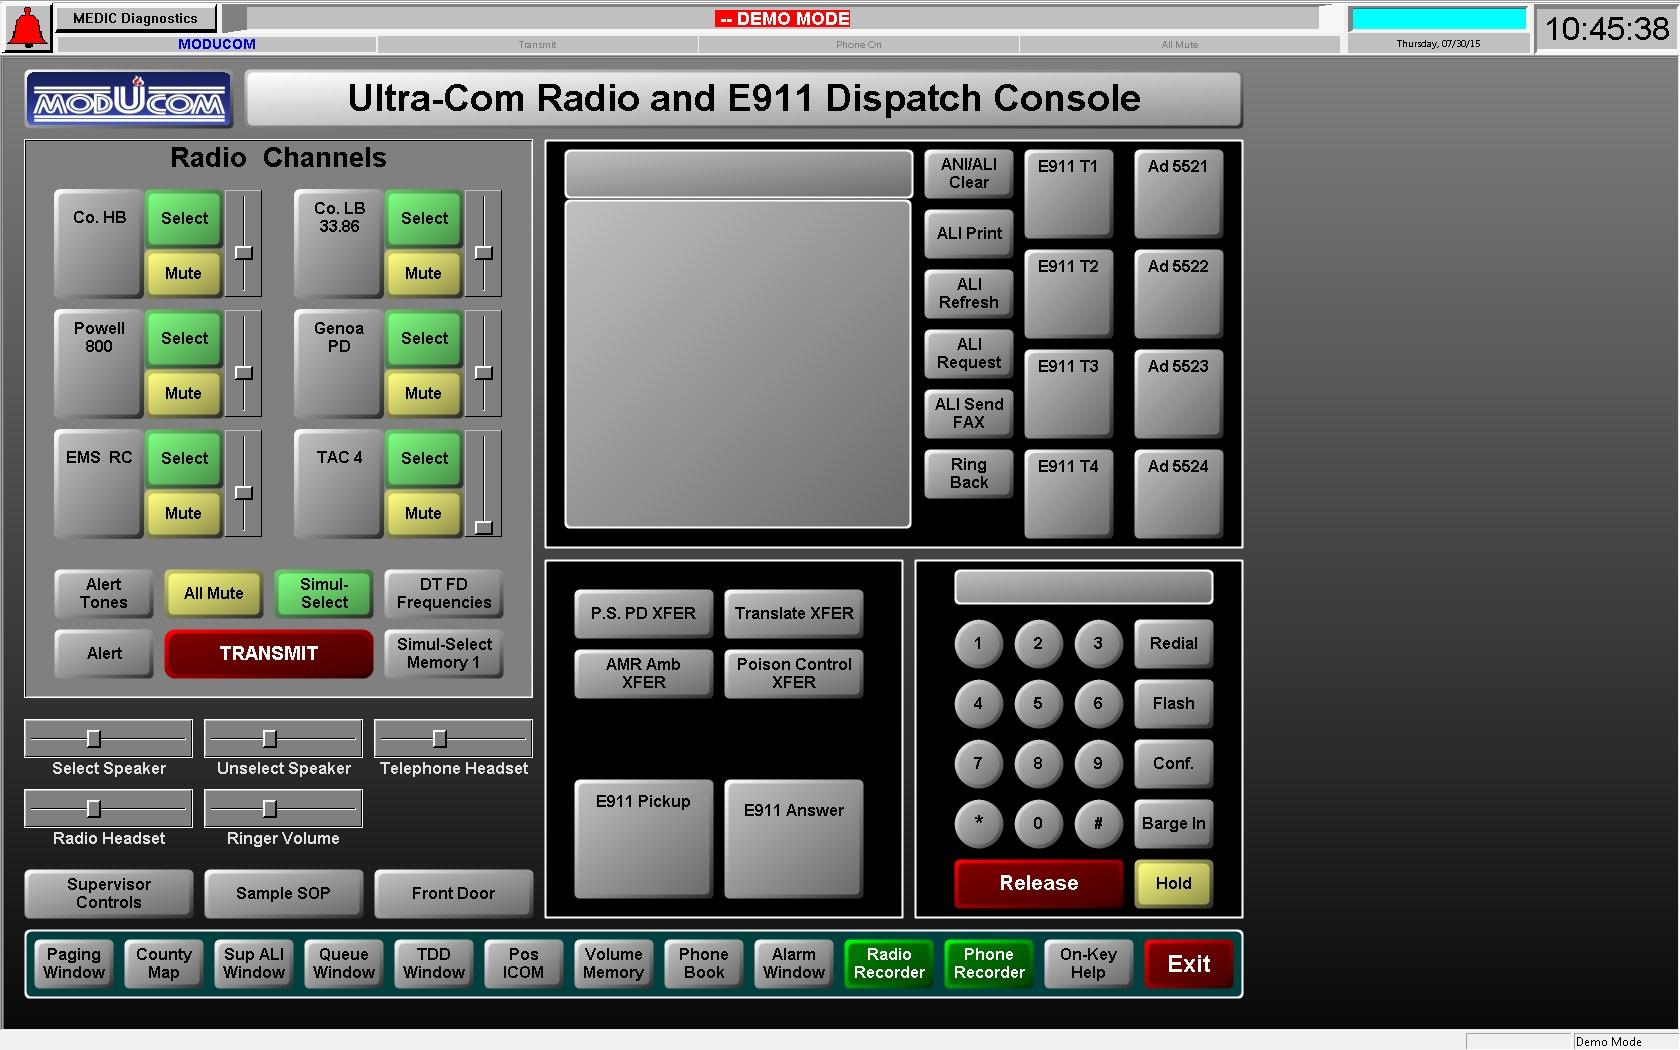 Ultra-Com 12.0.0 Demo